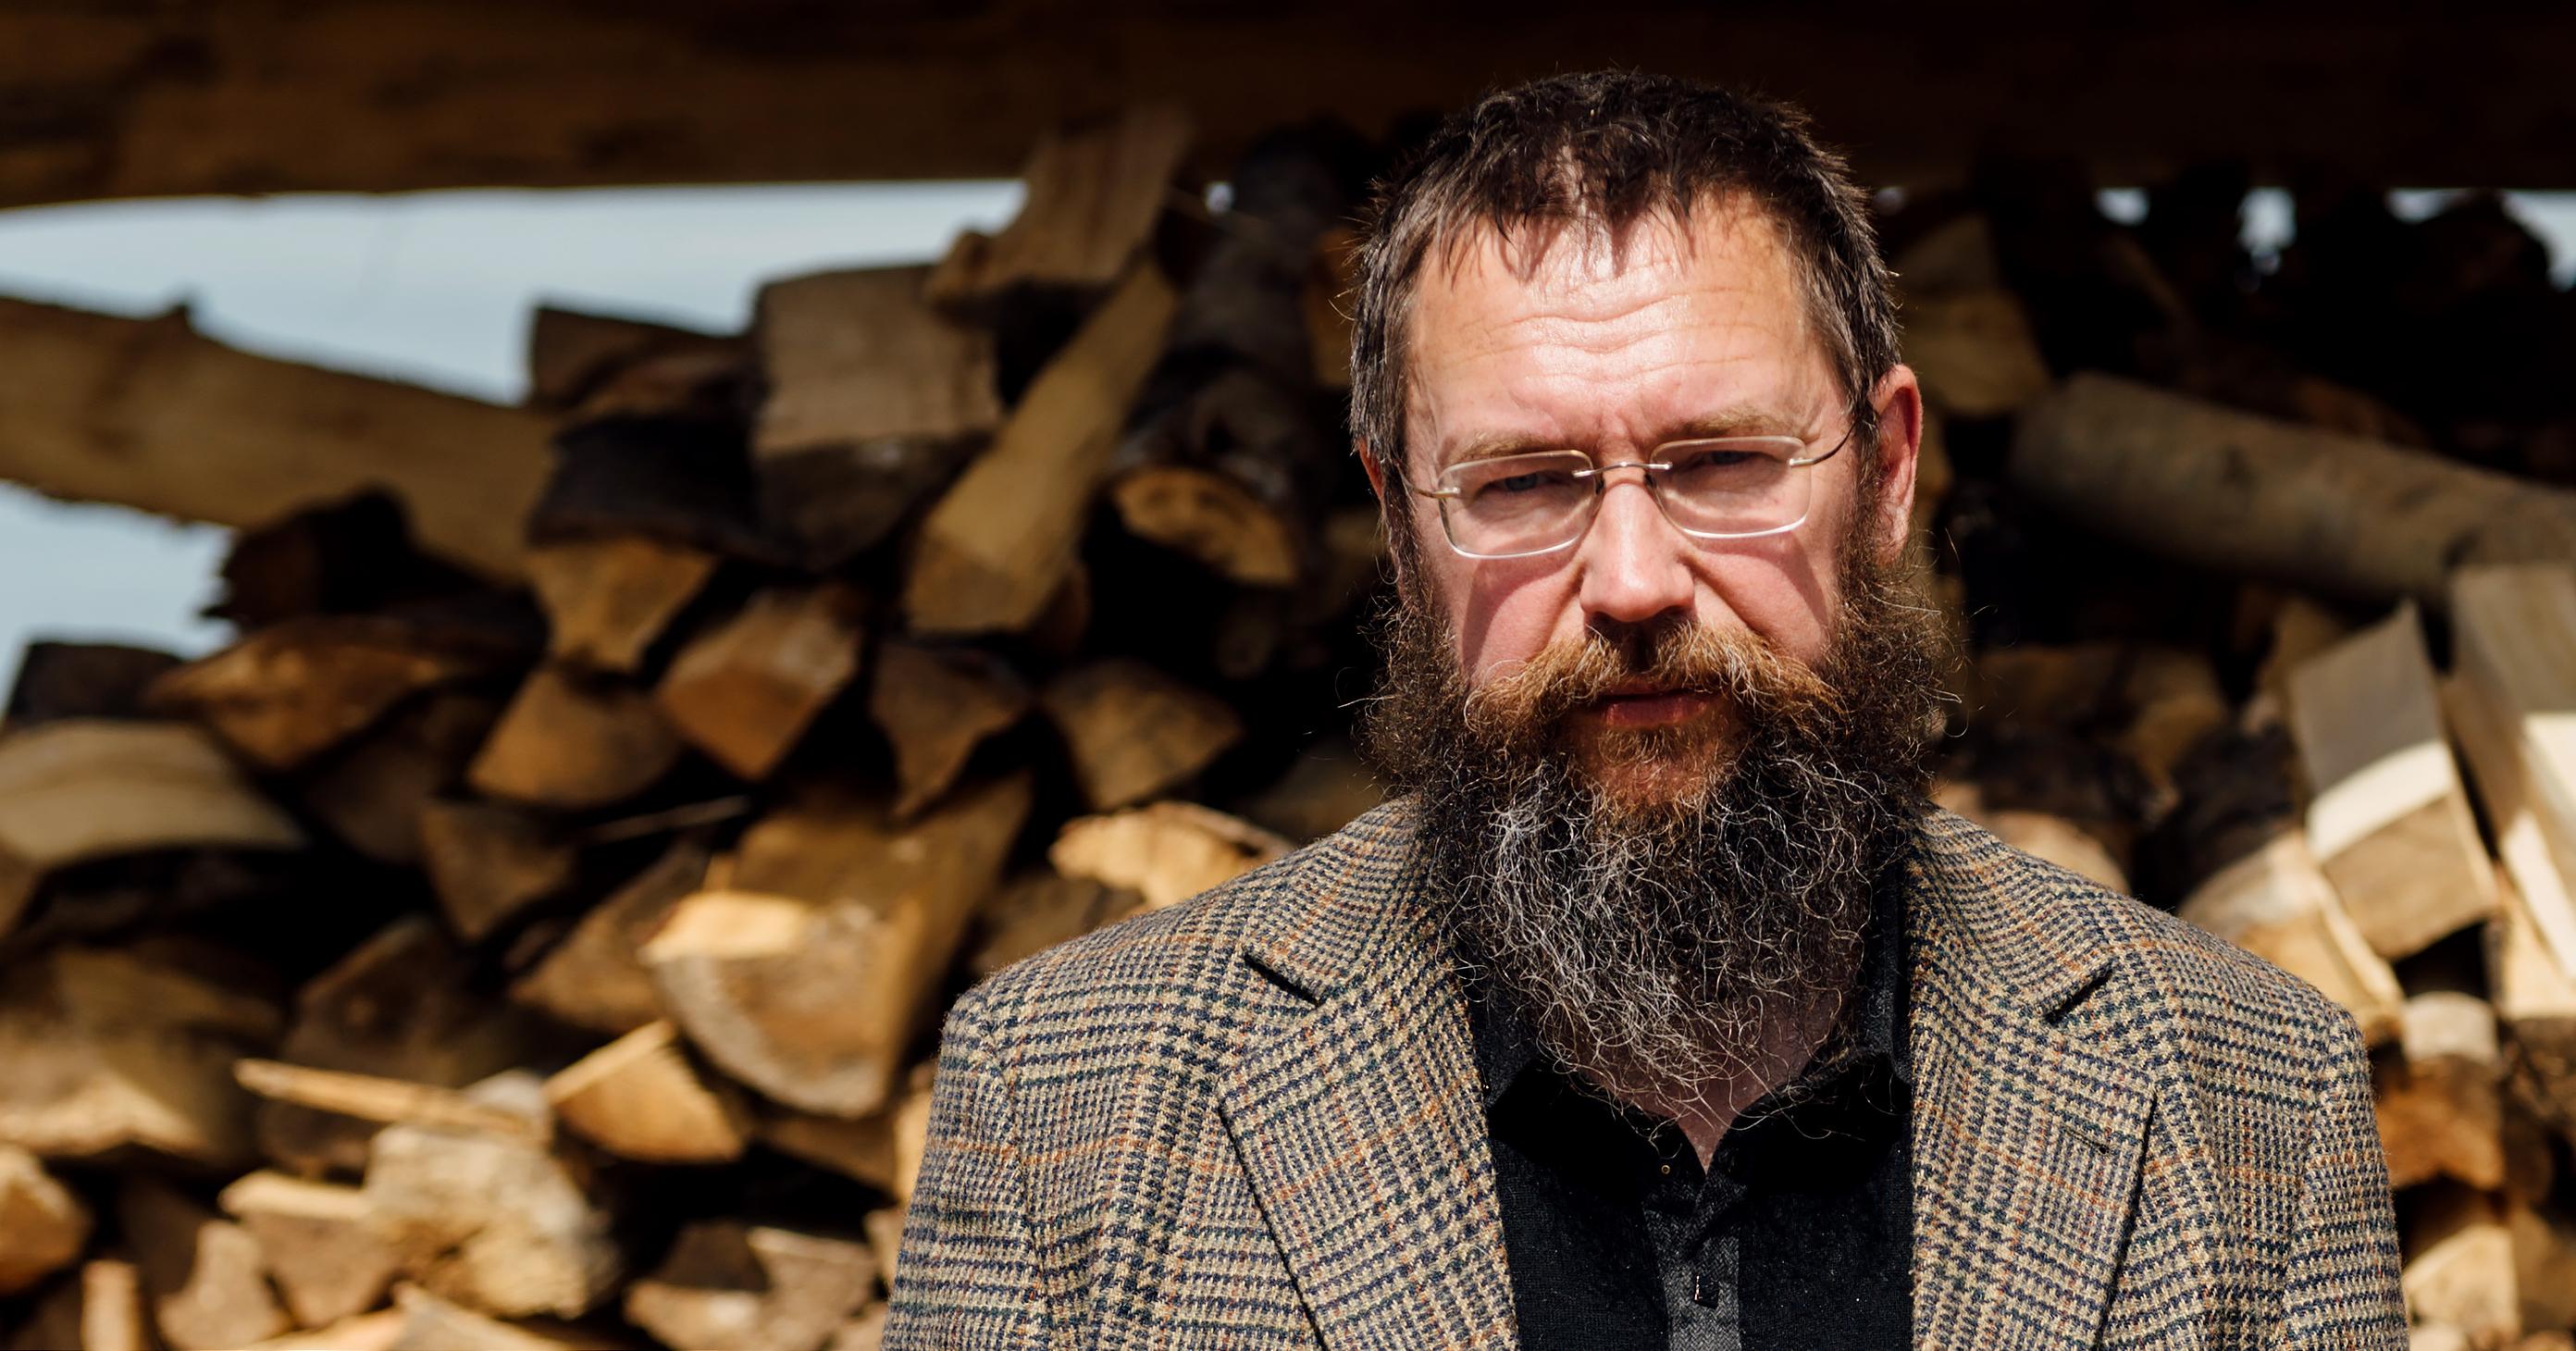 «Хлеб и Соль»: как Герман Стерлигов продает хлеб по 1500 рублей за буханку (заключая все договоры на словах)